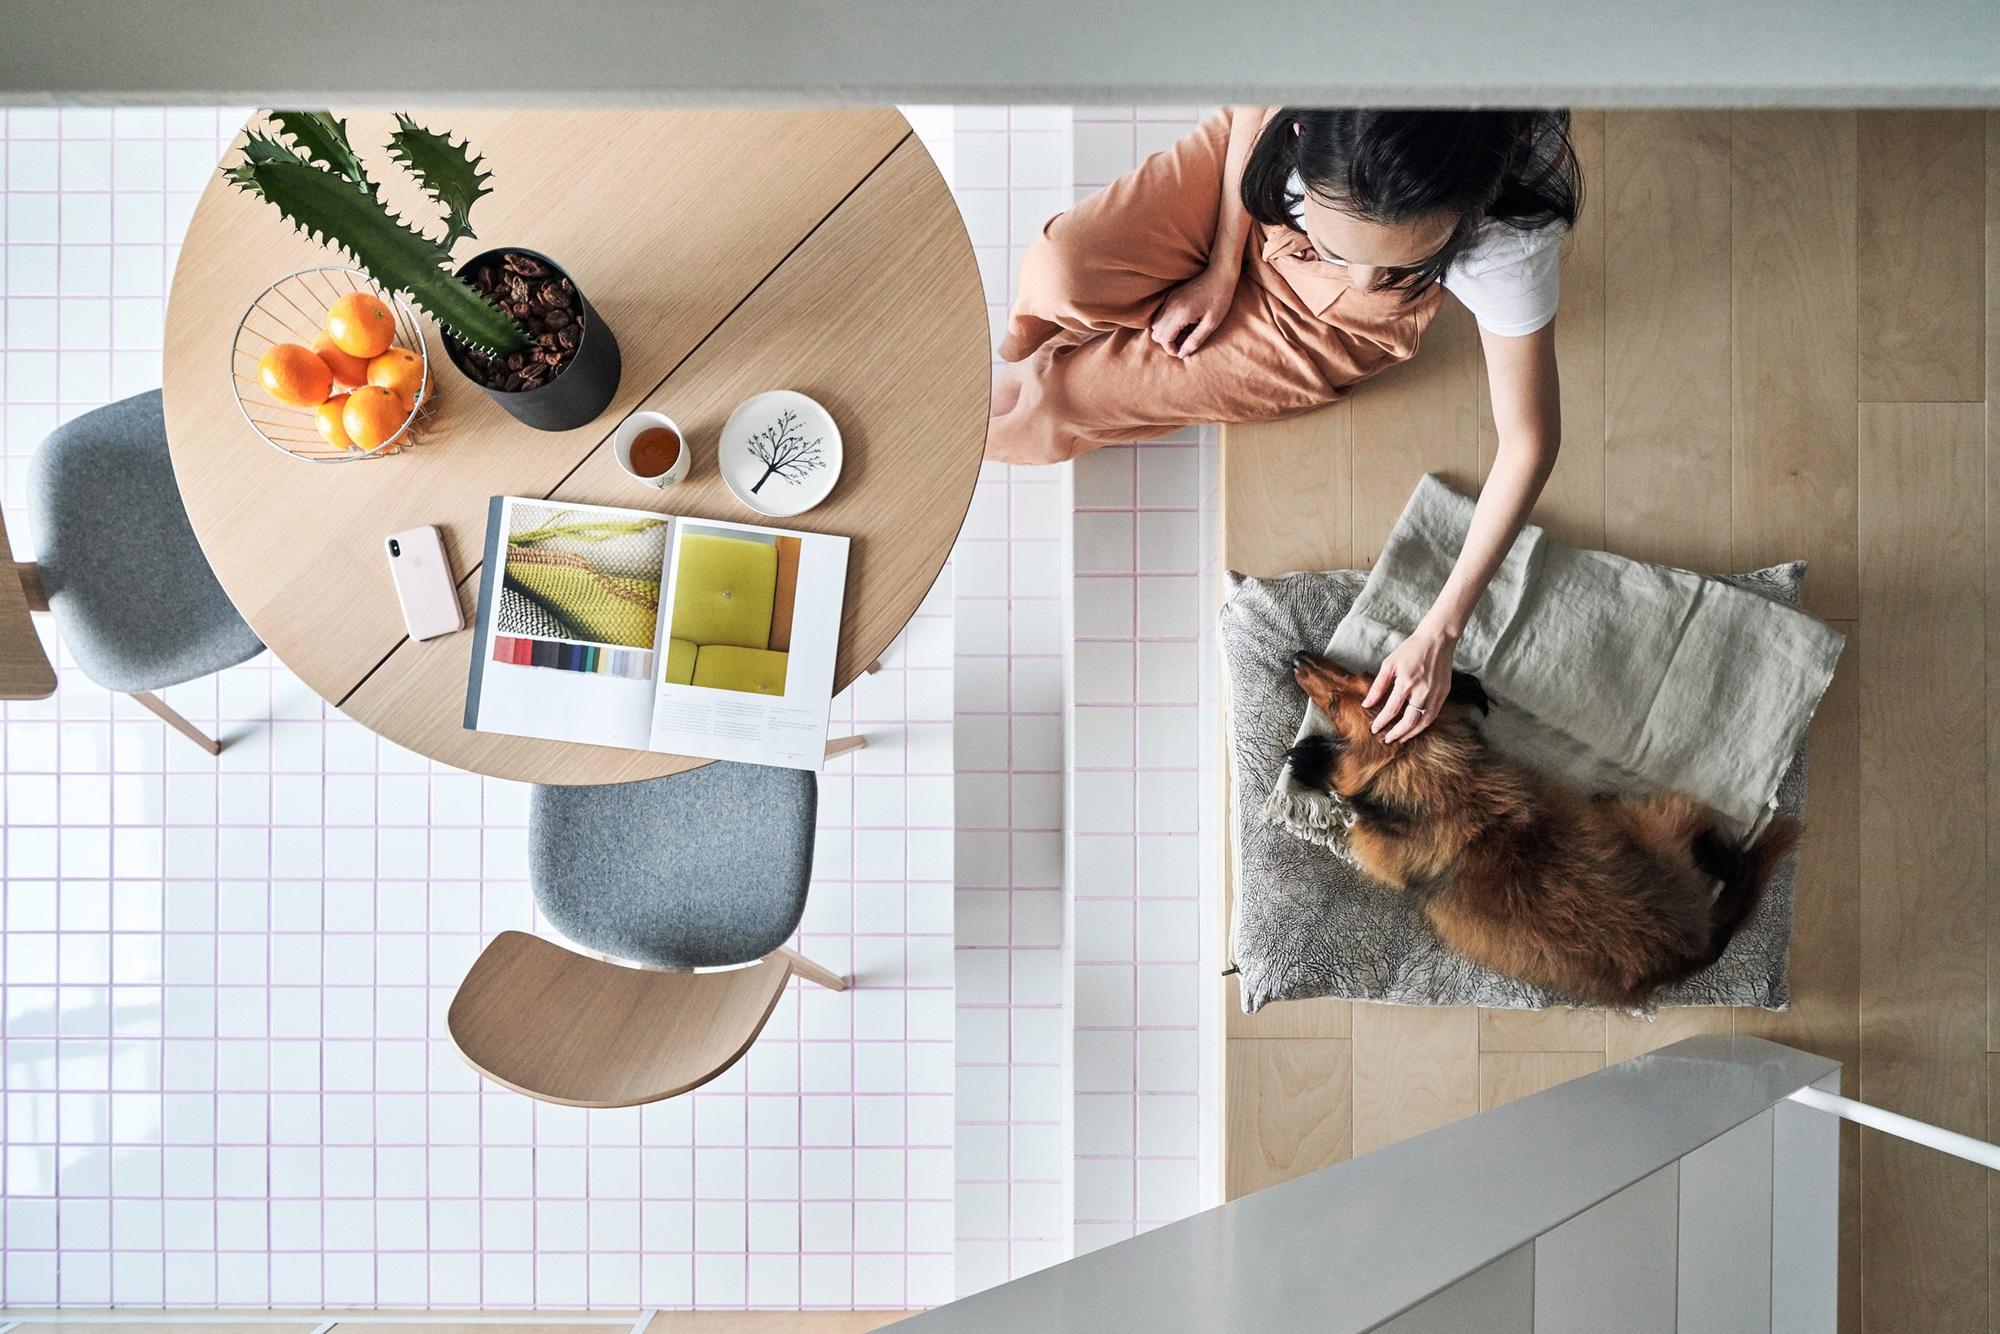 Căn hộ rộng 33m² siêu ấn tượng từ cách thiết kế đến bài trí nội thất - Ảnh 6